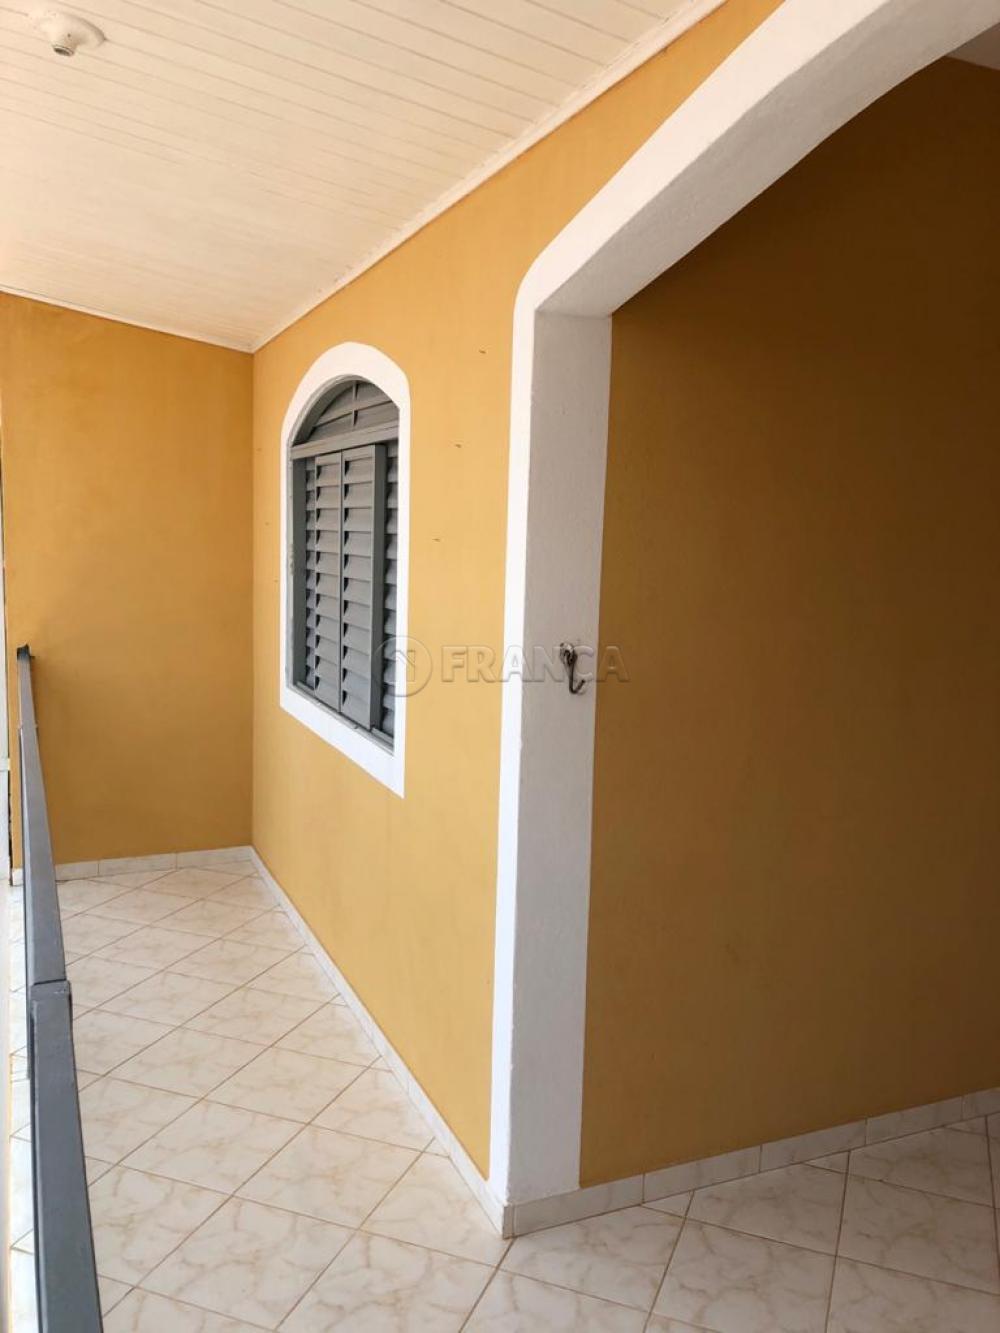 Comprar Casa / Sobrado em São José dos Campos R$ 626.000,00 - Foto 14